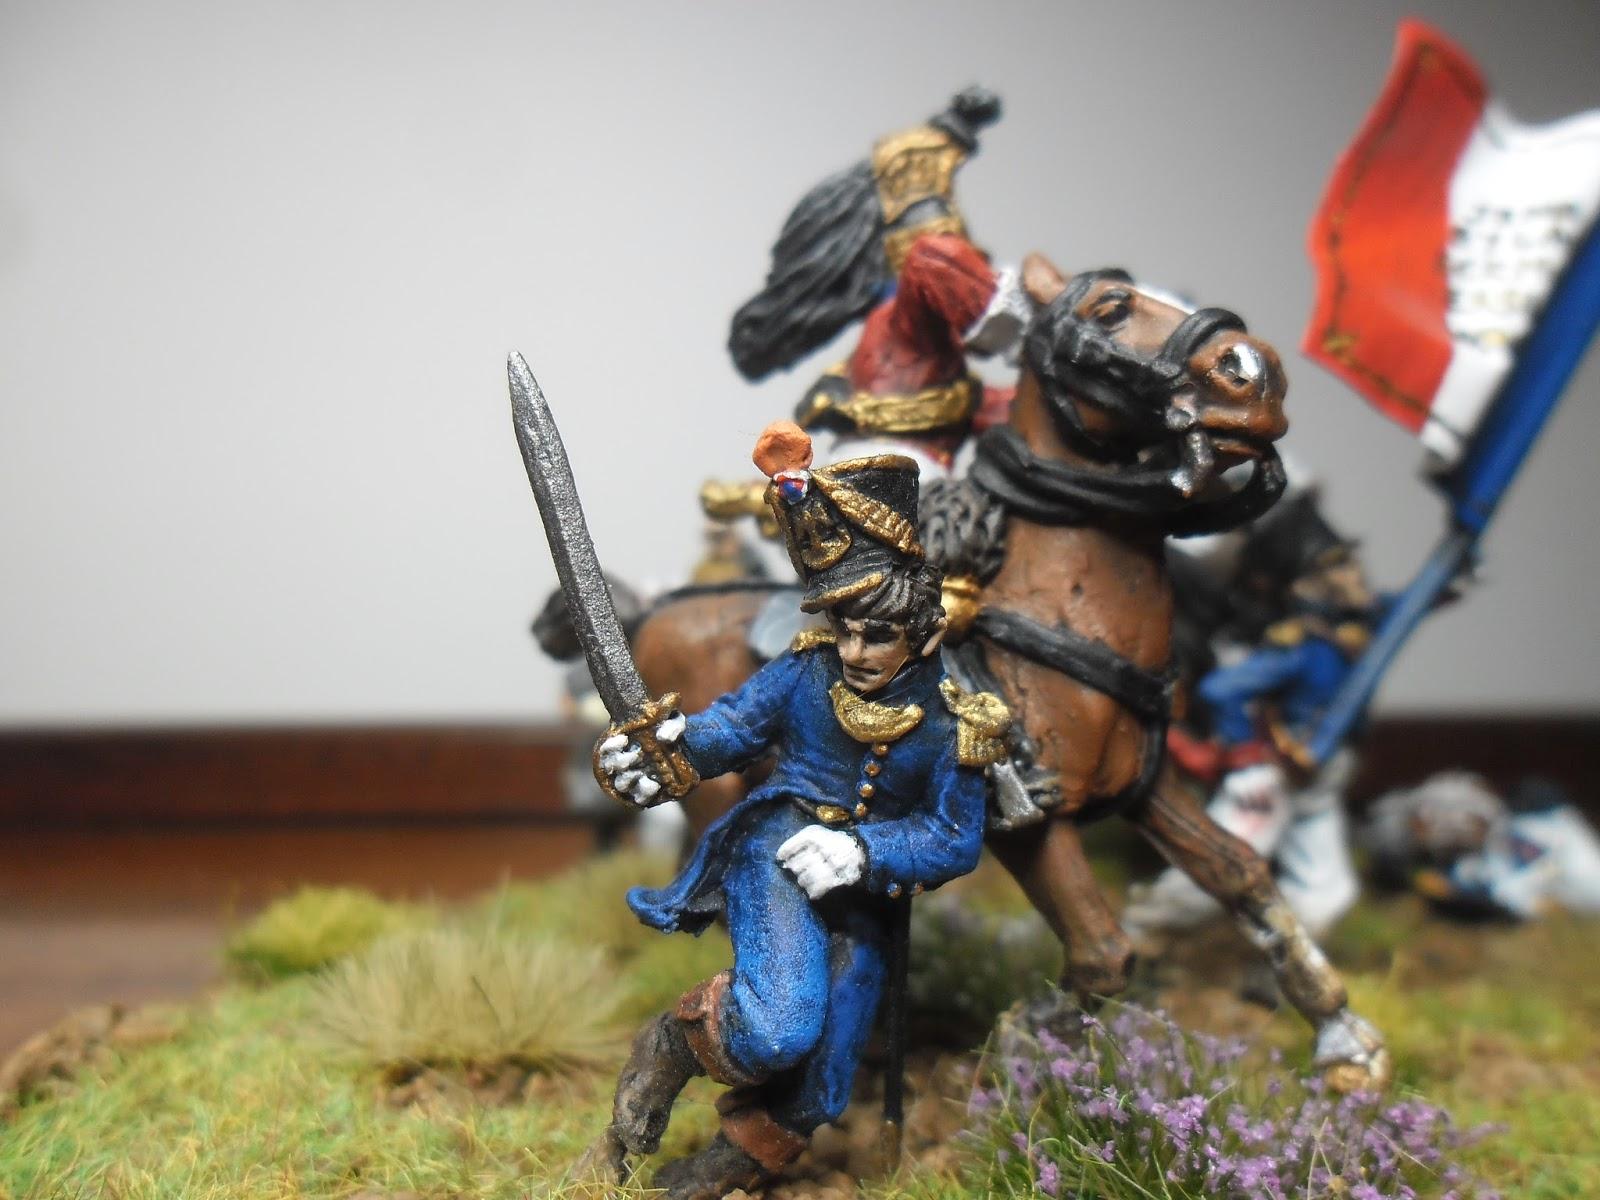 Prise de l'Aigle du 105e Régiment d'Infanterie de Ligne (diorama) Secure%2Bthe%2Bcolour%2B%252812%2529